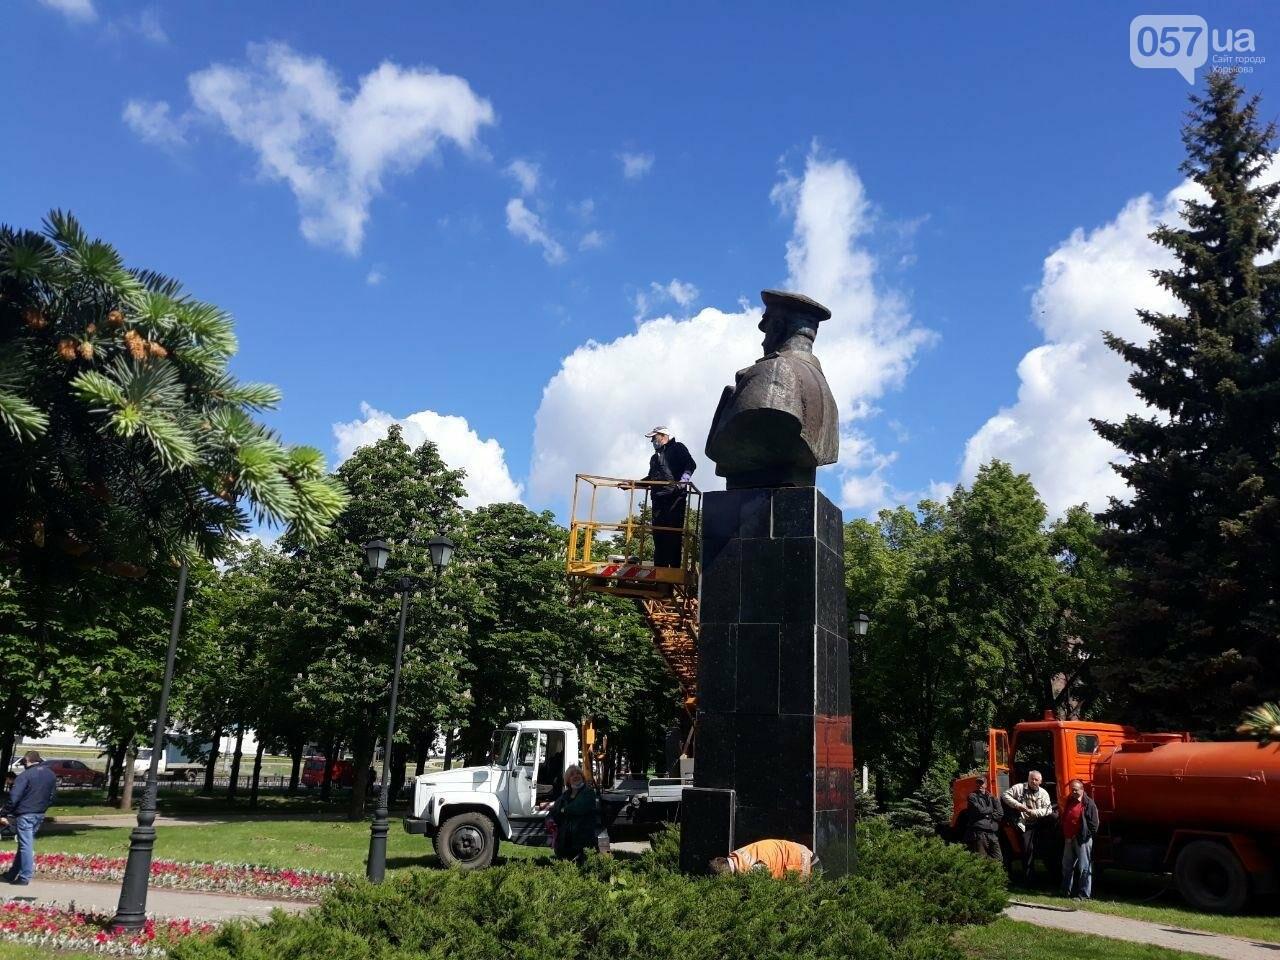 В Харькове неизвестные вновь облили красной краской памятник Жукову, - ФОТО, фото-3